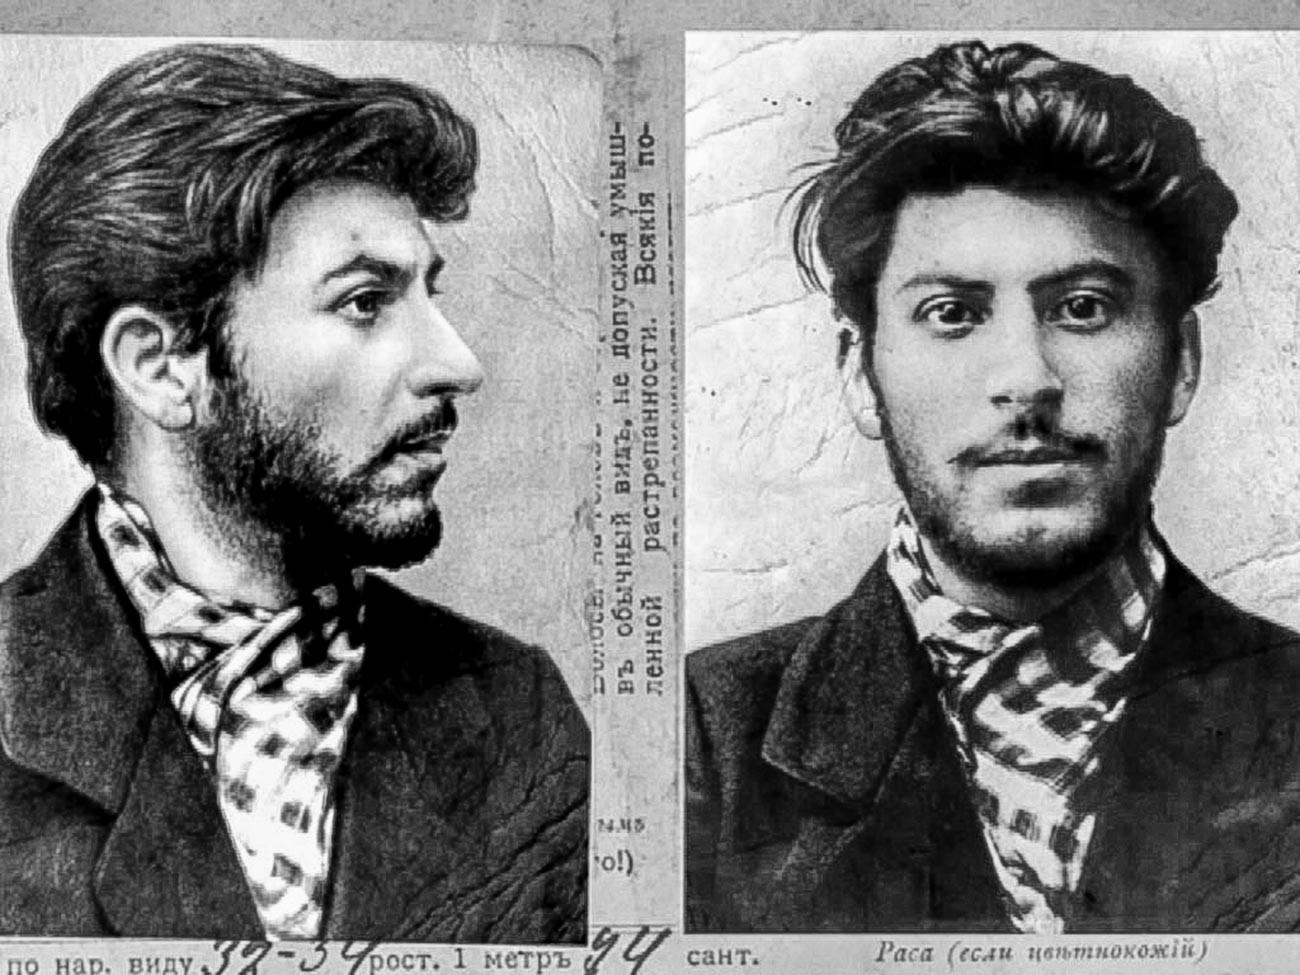 23歳のヨシフ・スターリン